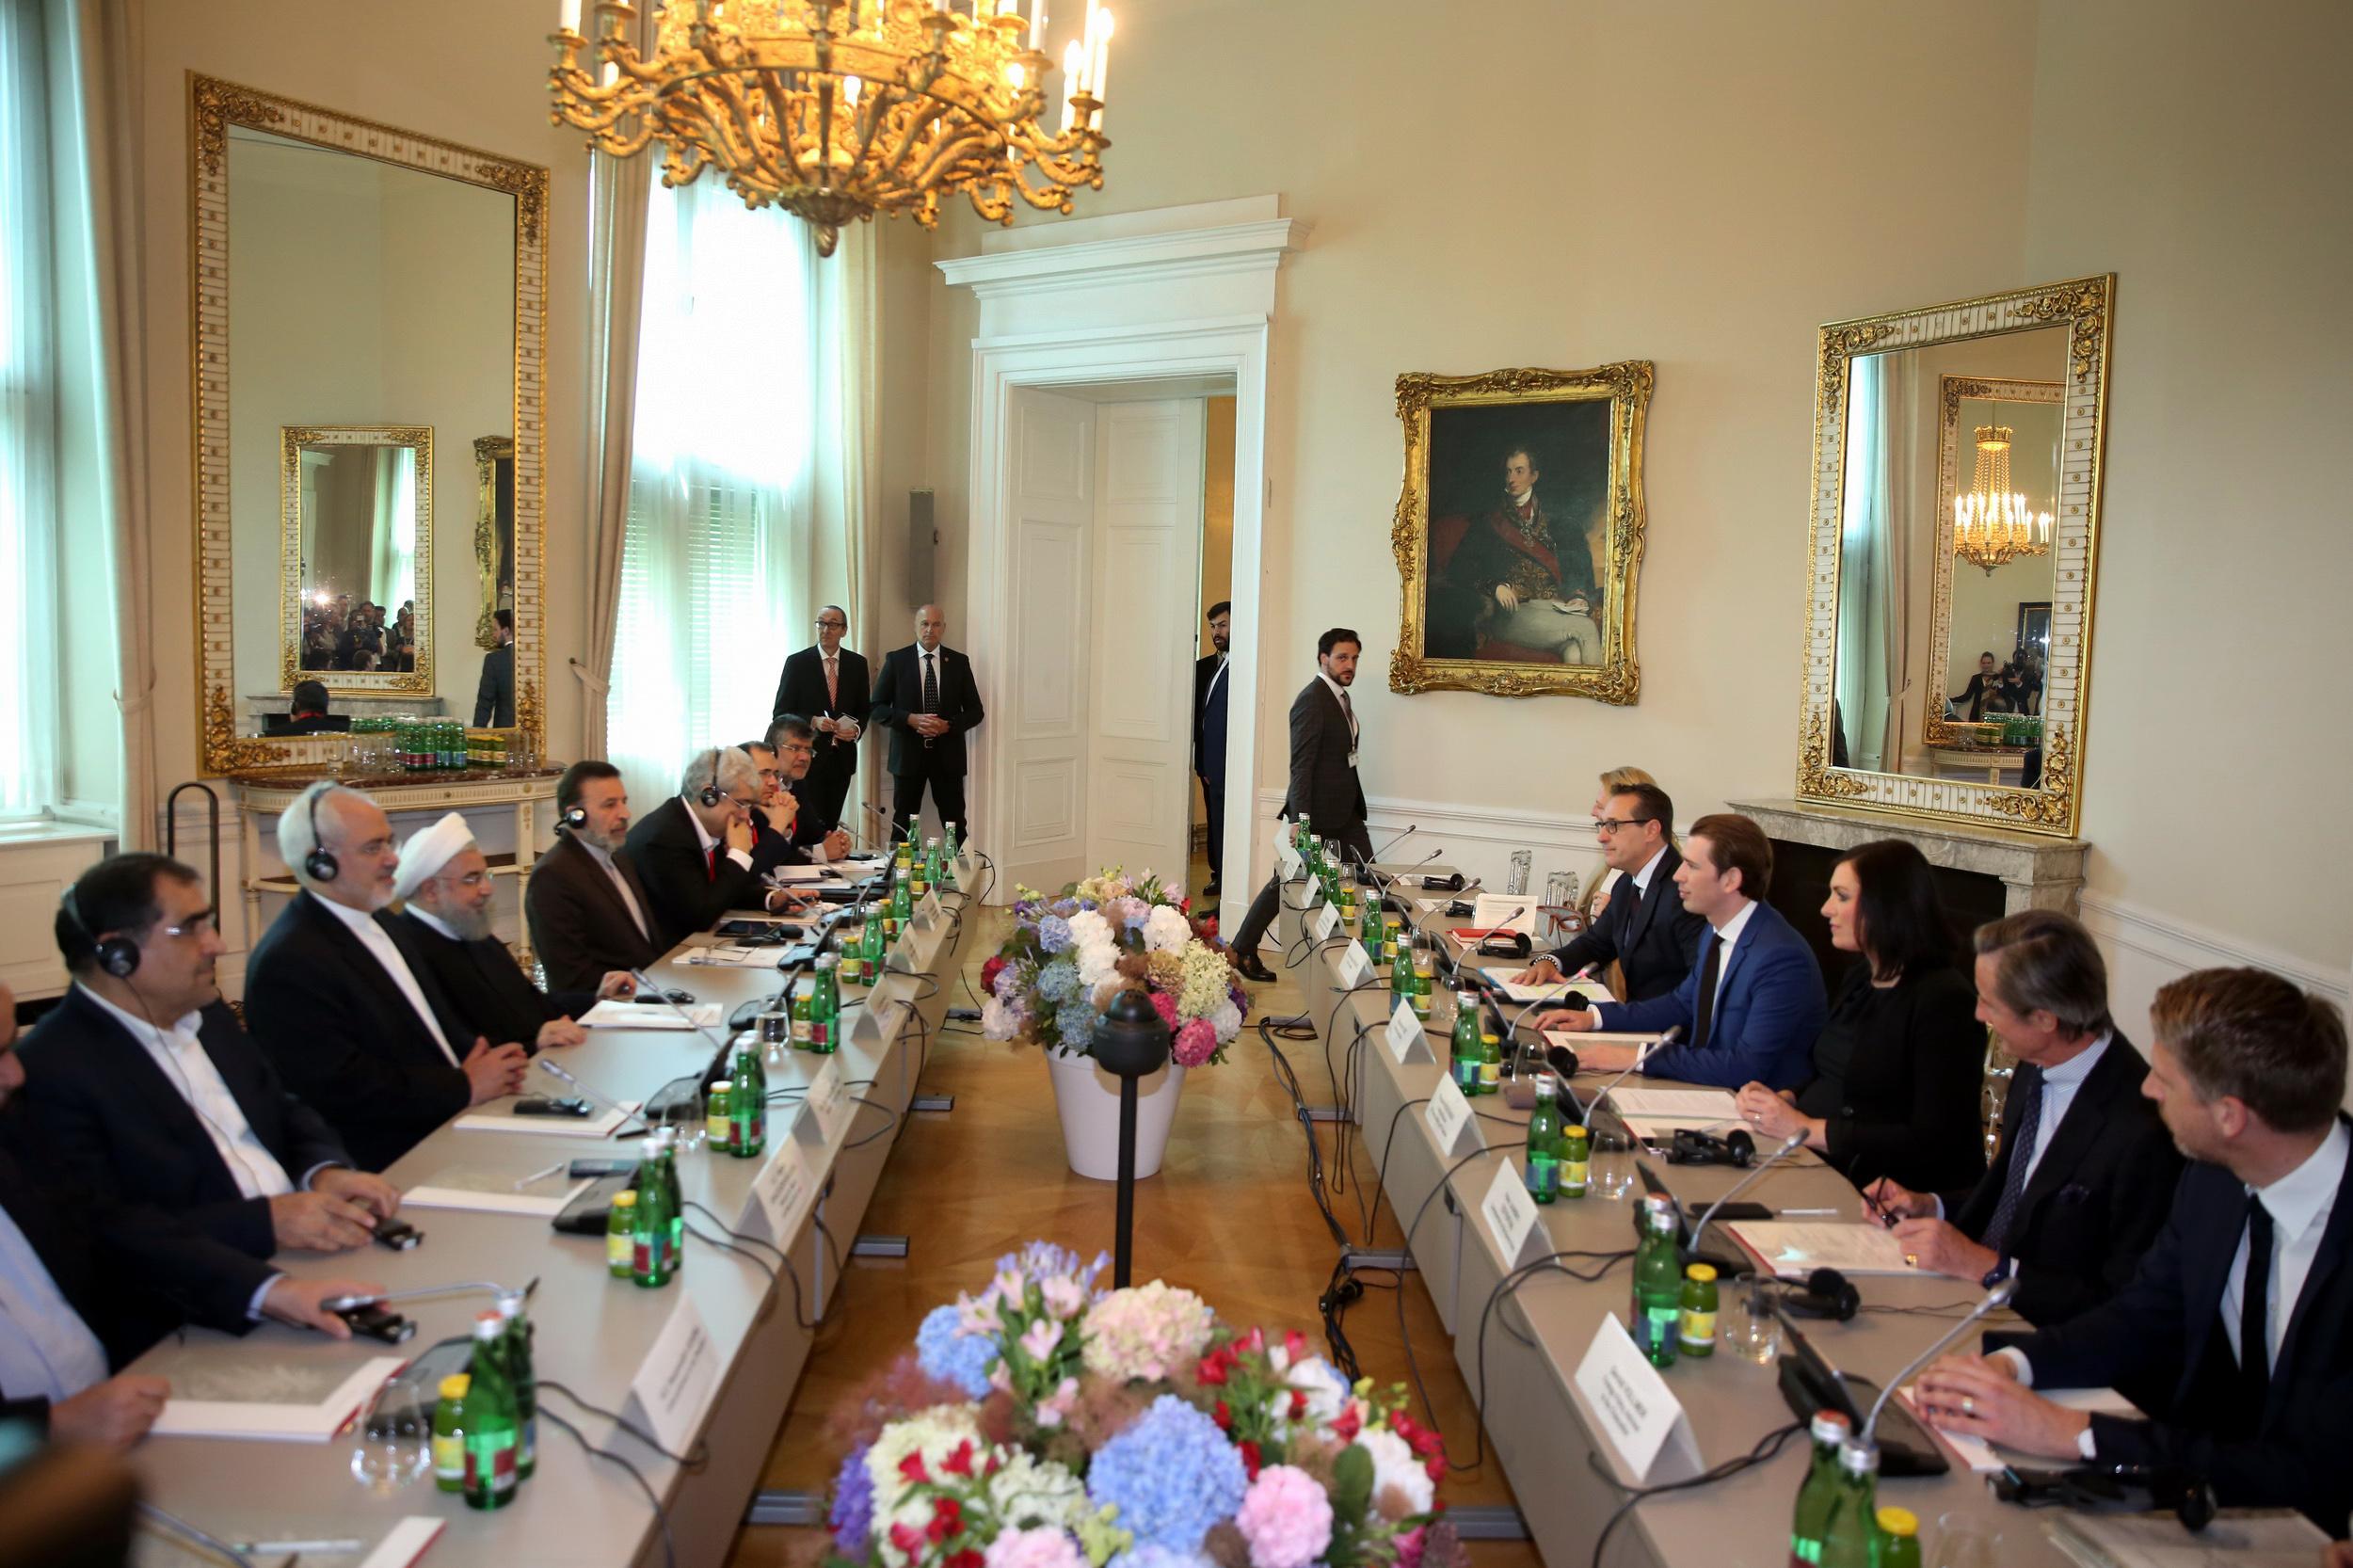 ملت ایران اجازه نمیدهد سیاستهای غلط آمریکا بر روابط تهران با جهان اثر بگذارد/ اروپا با صراحت و برای حفظ هویت خود در برابر یکجانبه گرایی دولت آمریکا بایستند